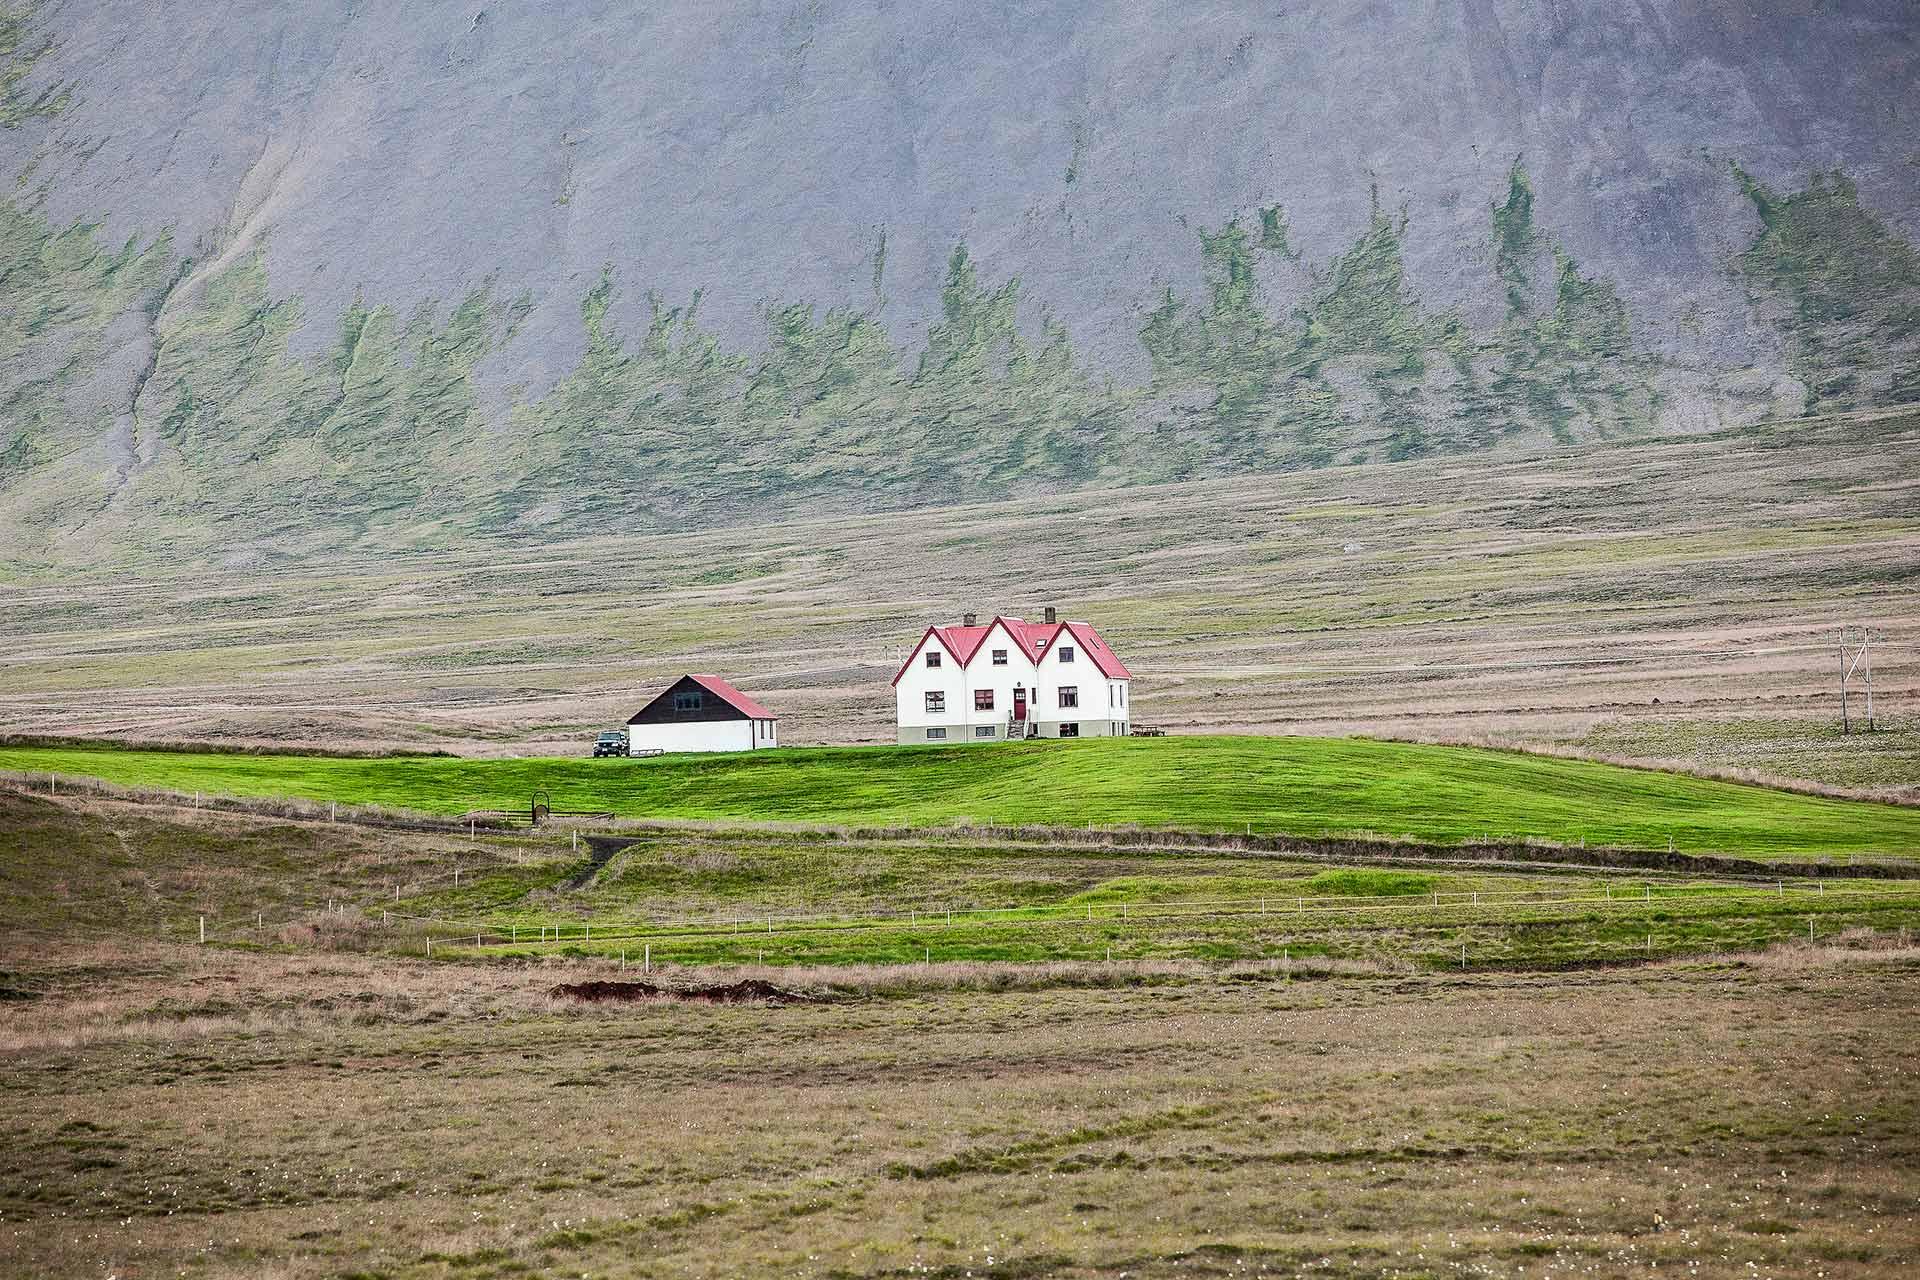 colas_bouyg juliencresp_colas_bouygues_Reykjavik ues_juliencresp-5